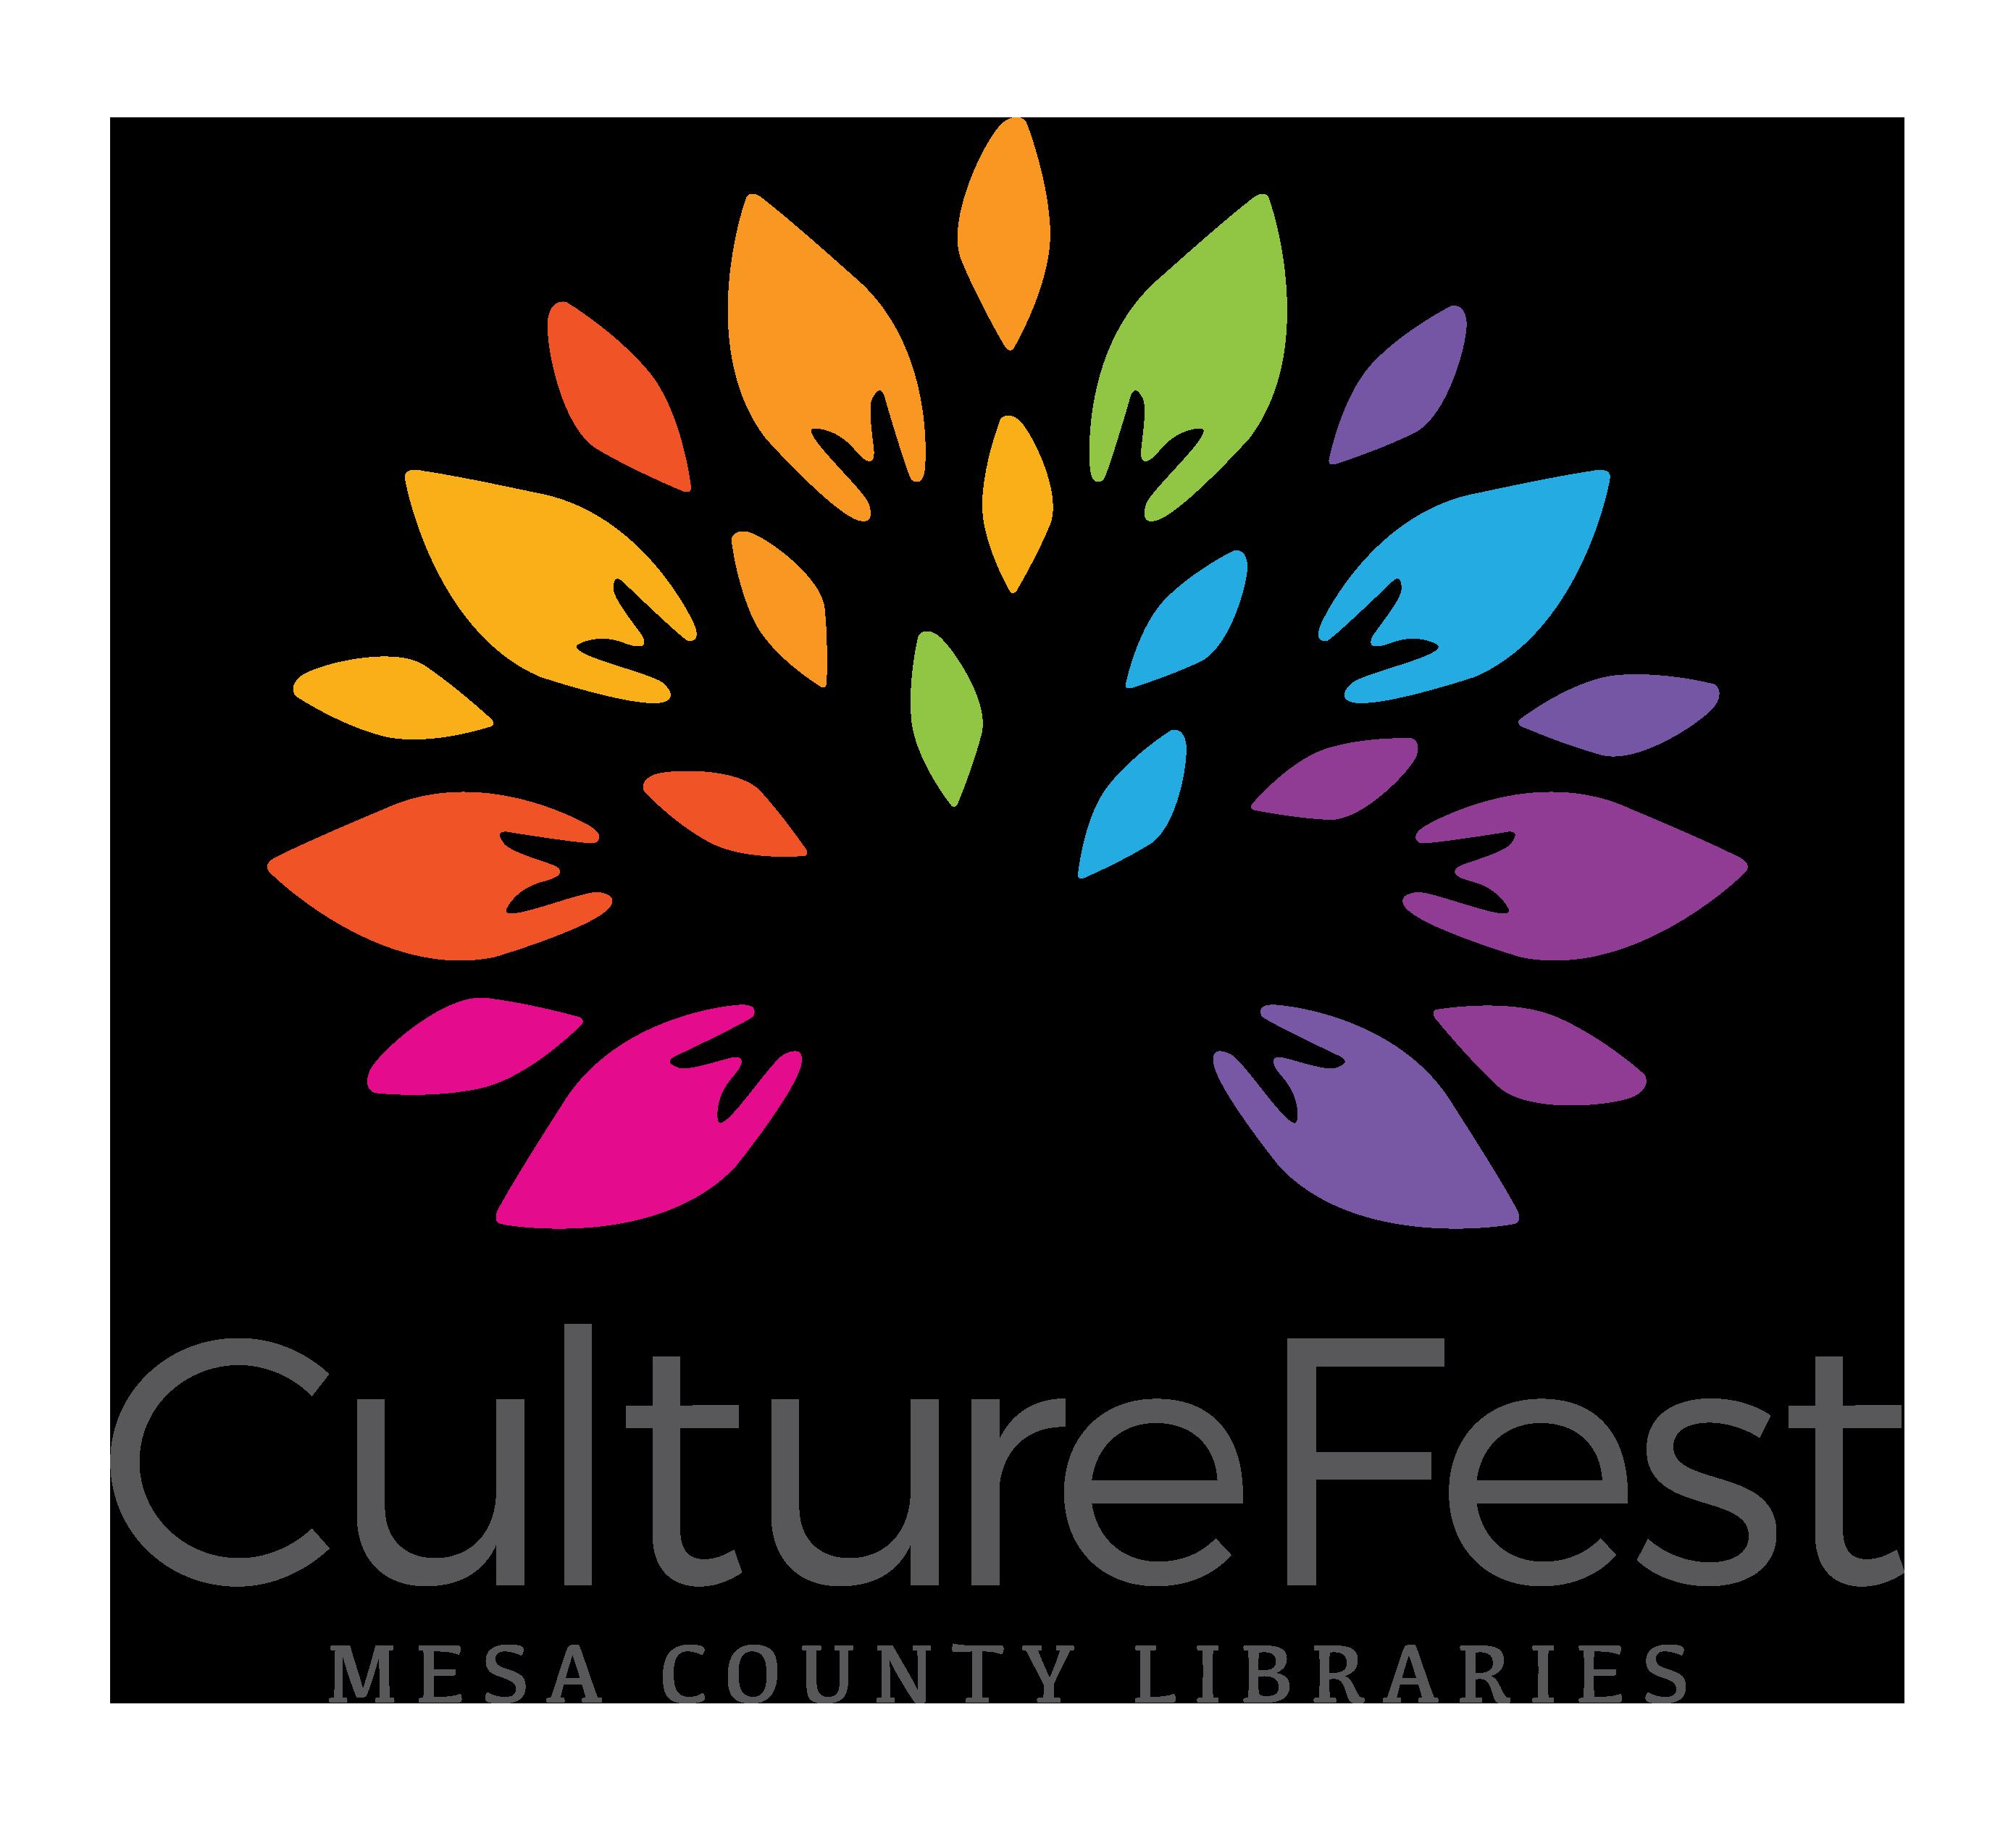 Colorful Culture Fest logo